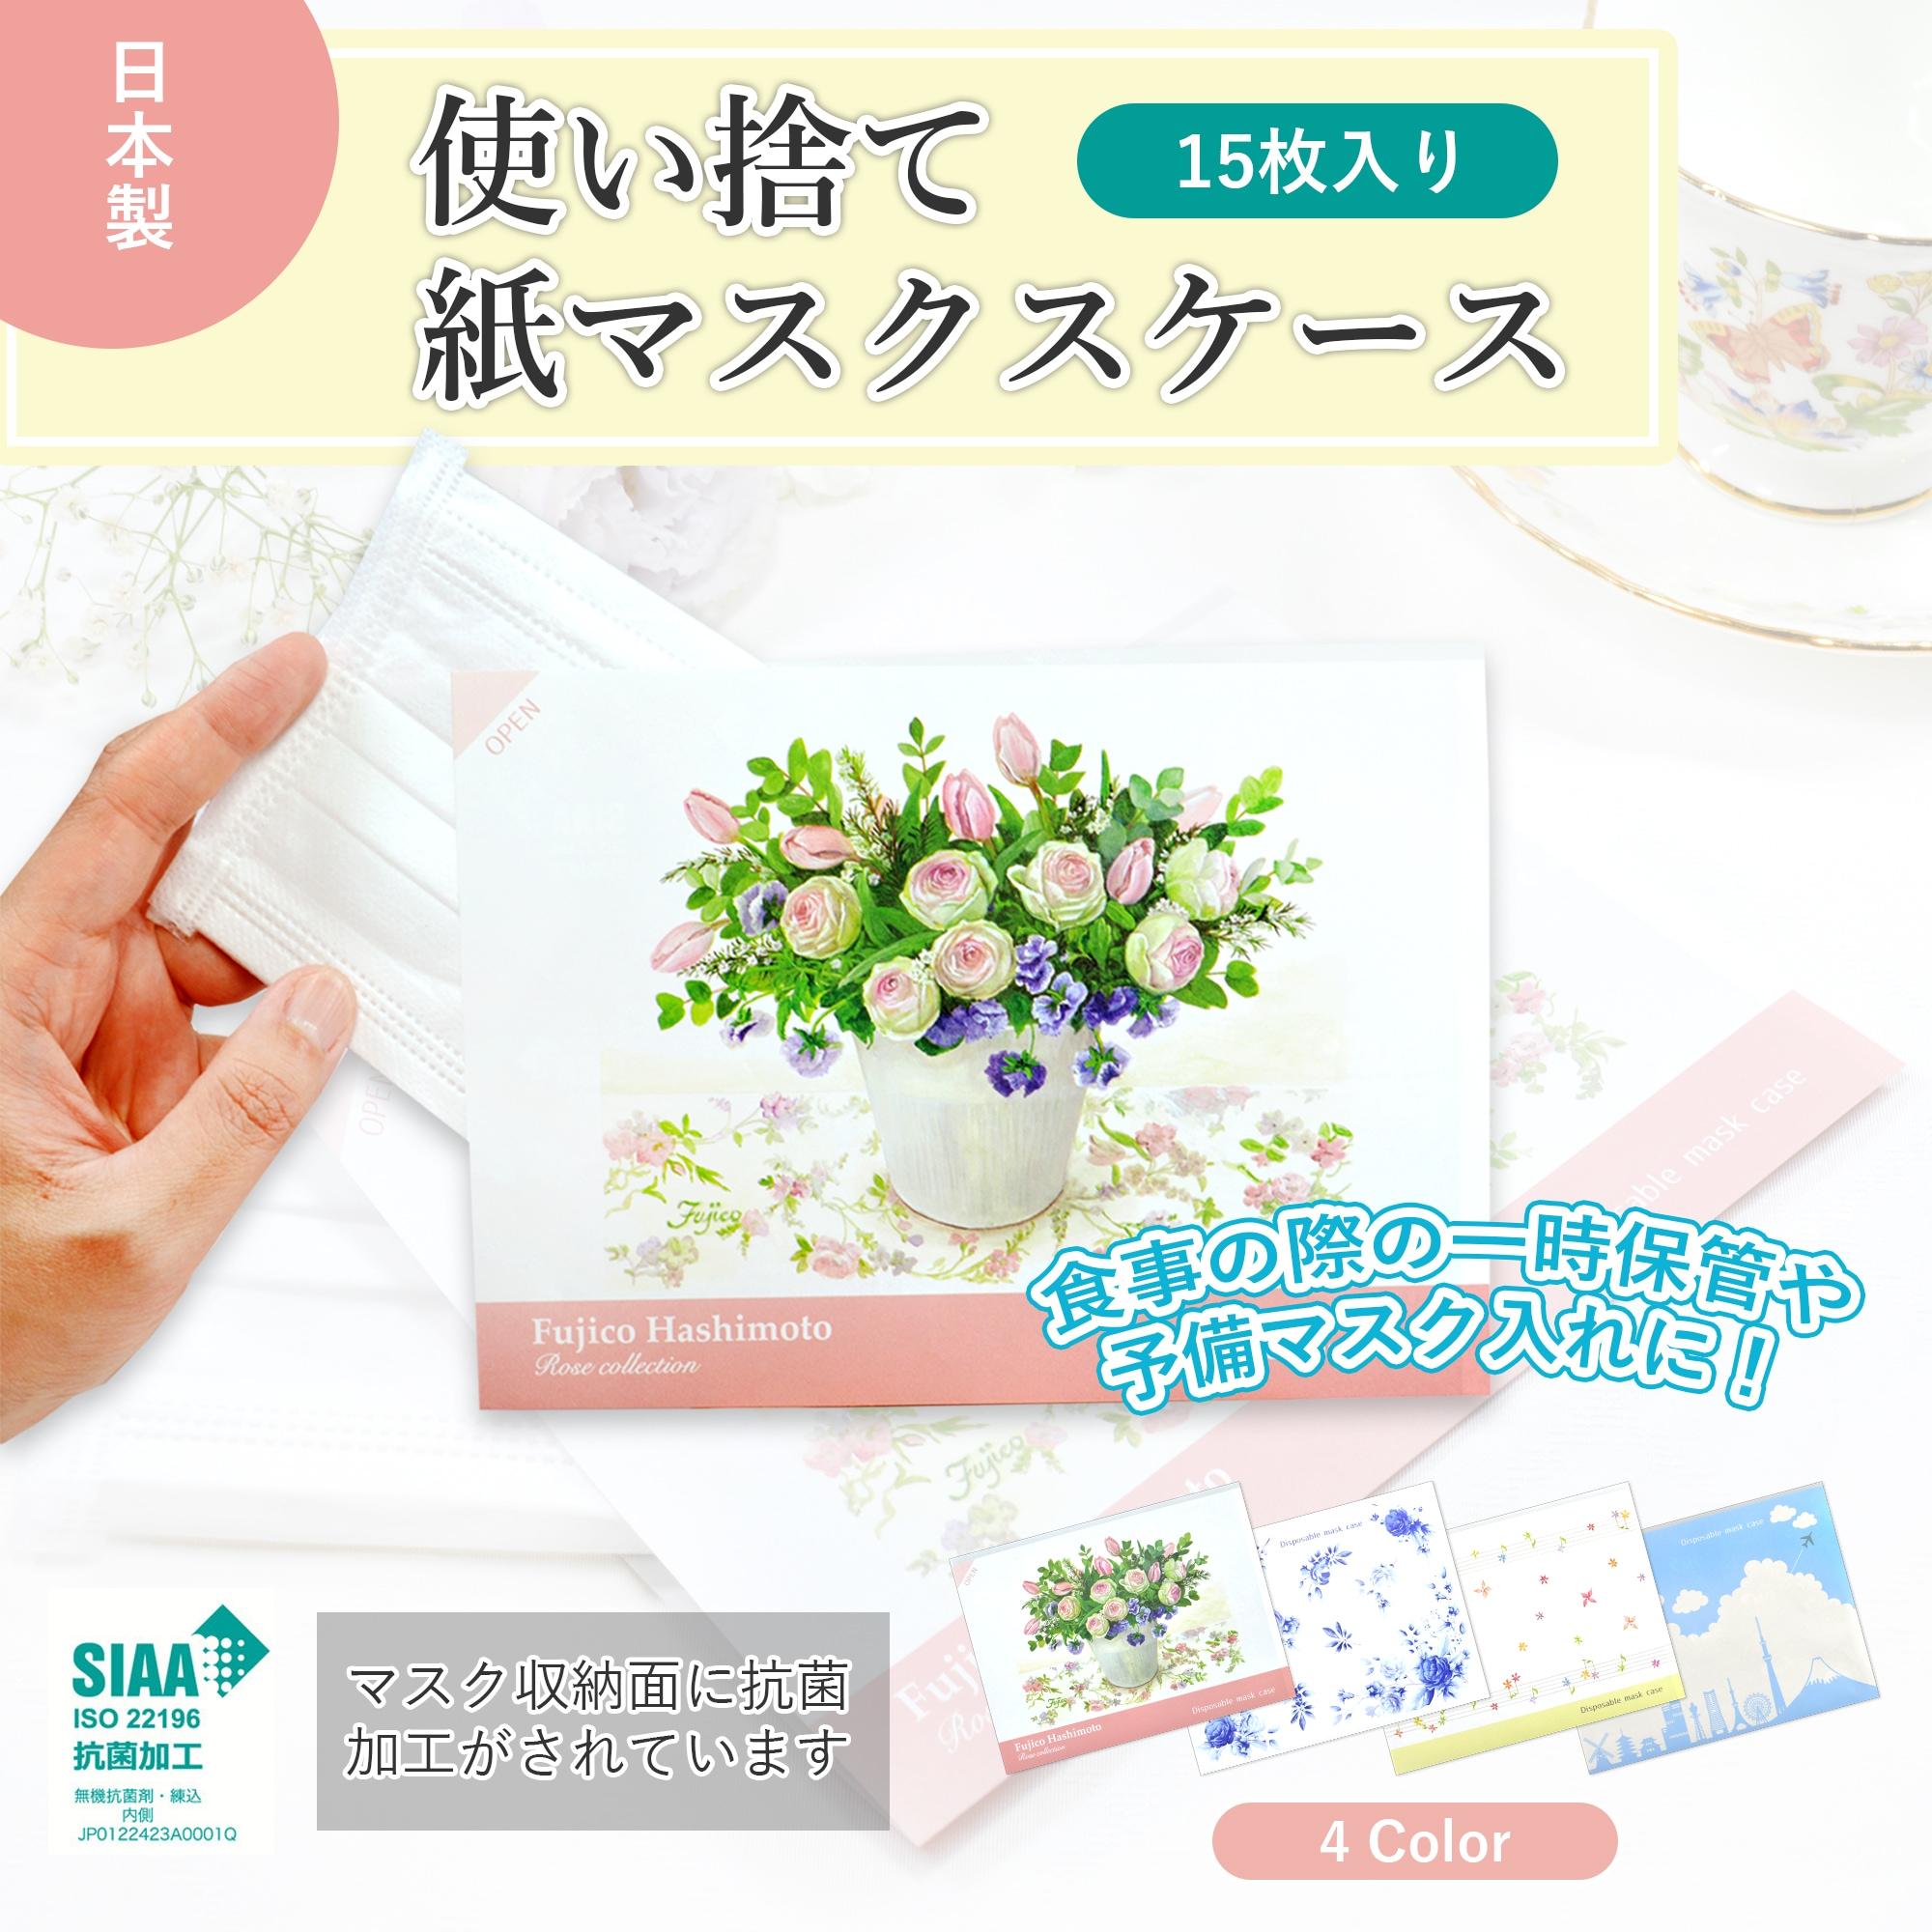 使い捨て 紙マスクケース 抗菌 日本製 安心安全 衛生 清潔 橋本不二子 花 かわいい おしゃれ フロンティア株式会社